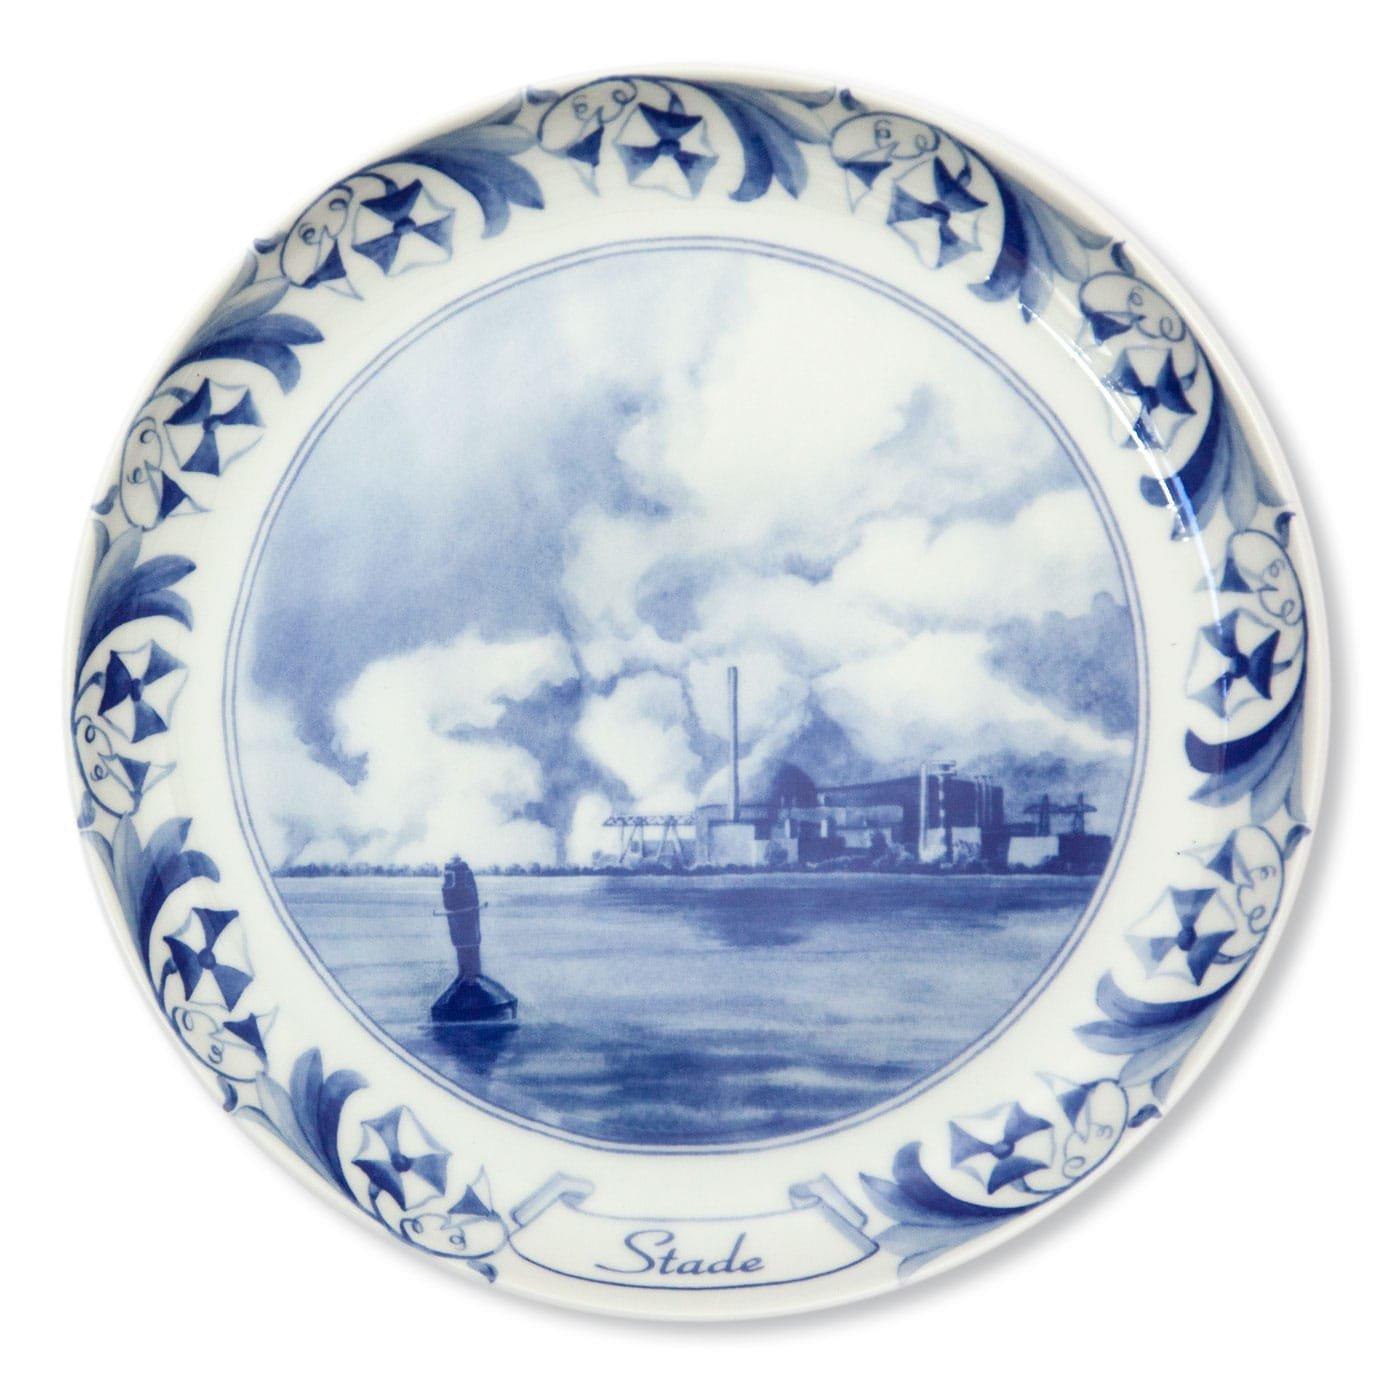 porcelain-nuclear-reactors-plates-stade